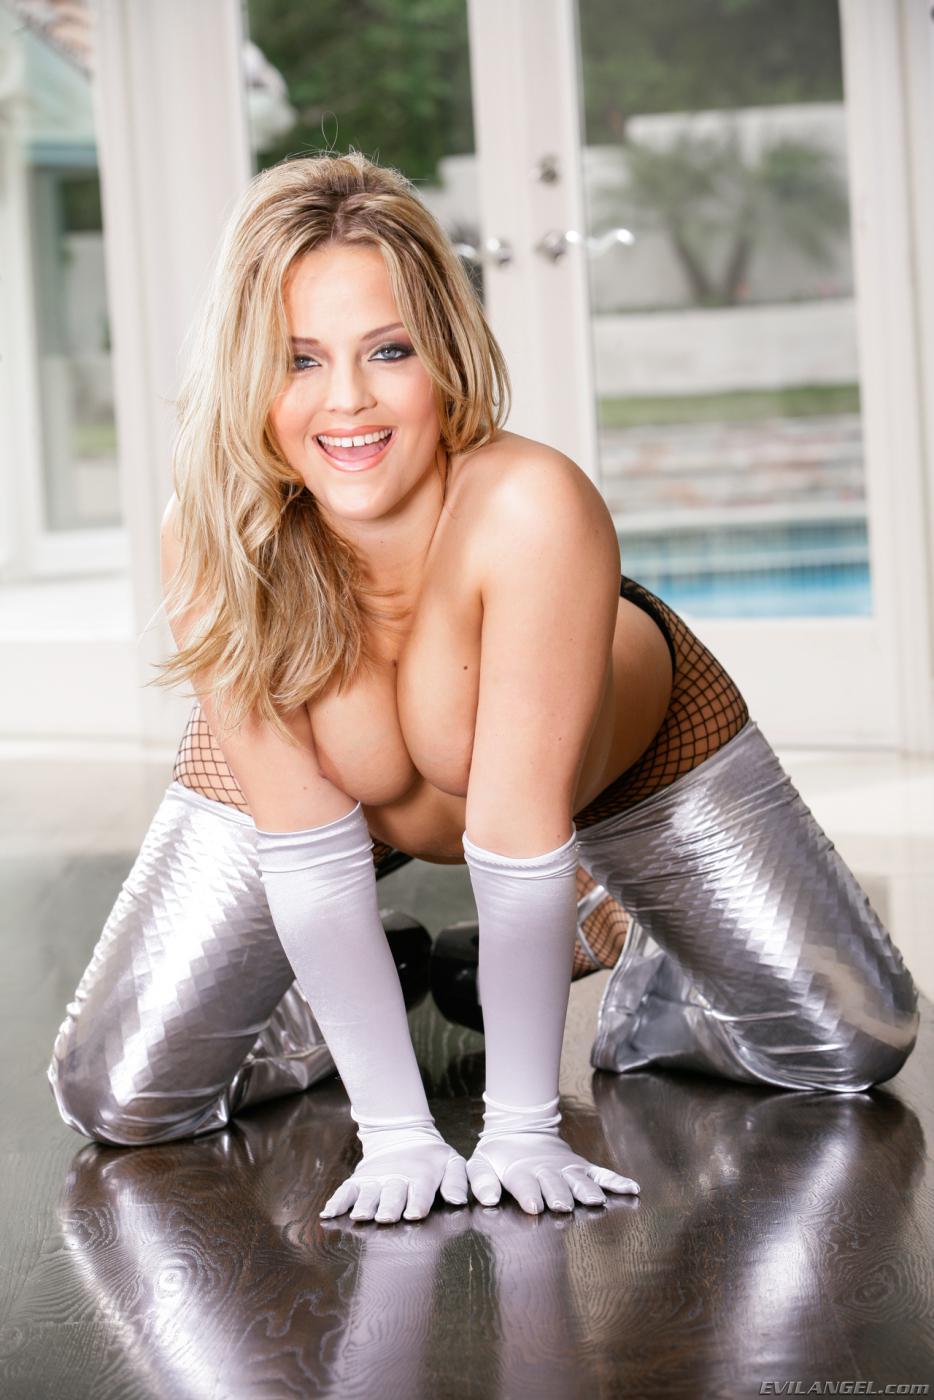 Восхитительная блондинка Alexis Texas показывает свою попку в колготках и без них